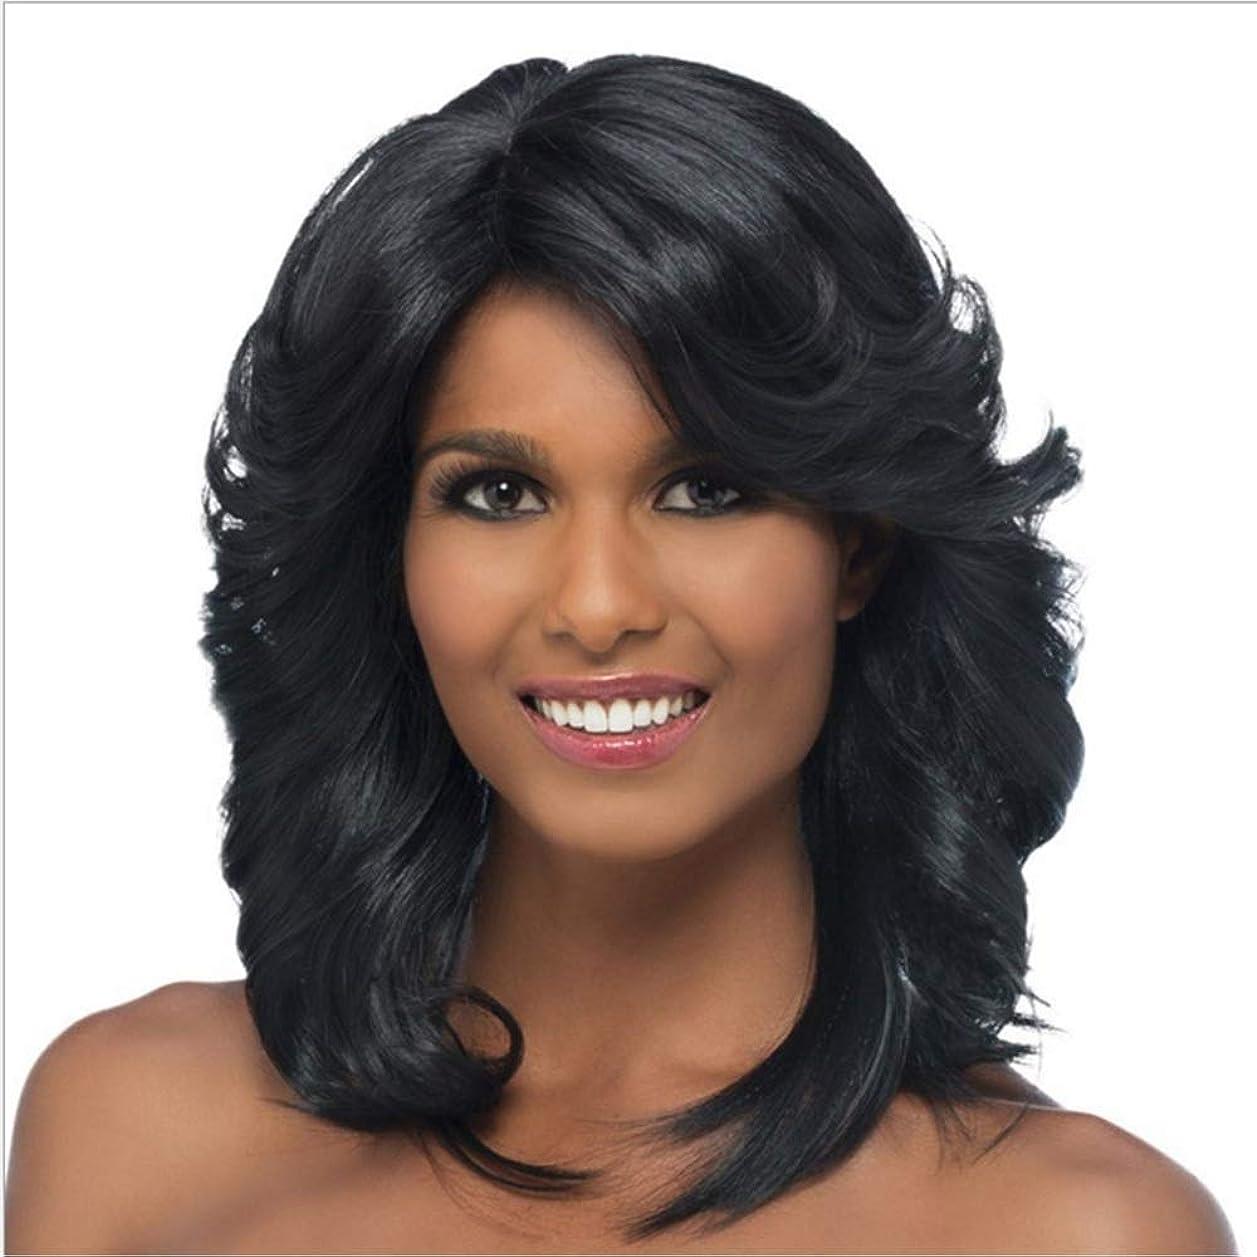 豊富な優先コンドームYrattary 女性の日常のパーティーのための人工毛黒巻き毛の肩の長さのかつら (色 : 黒)